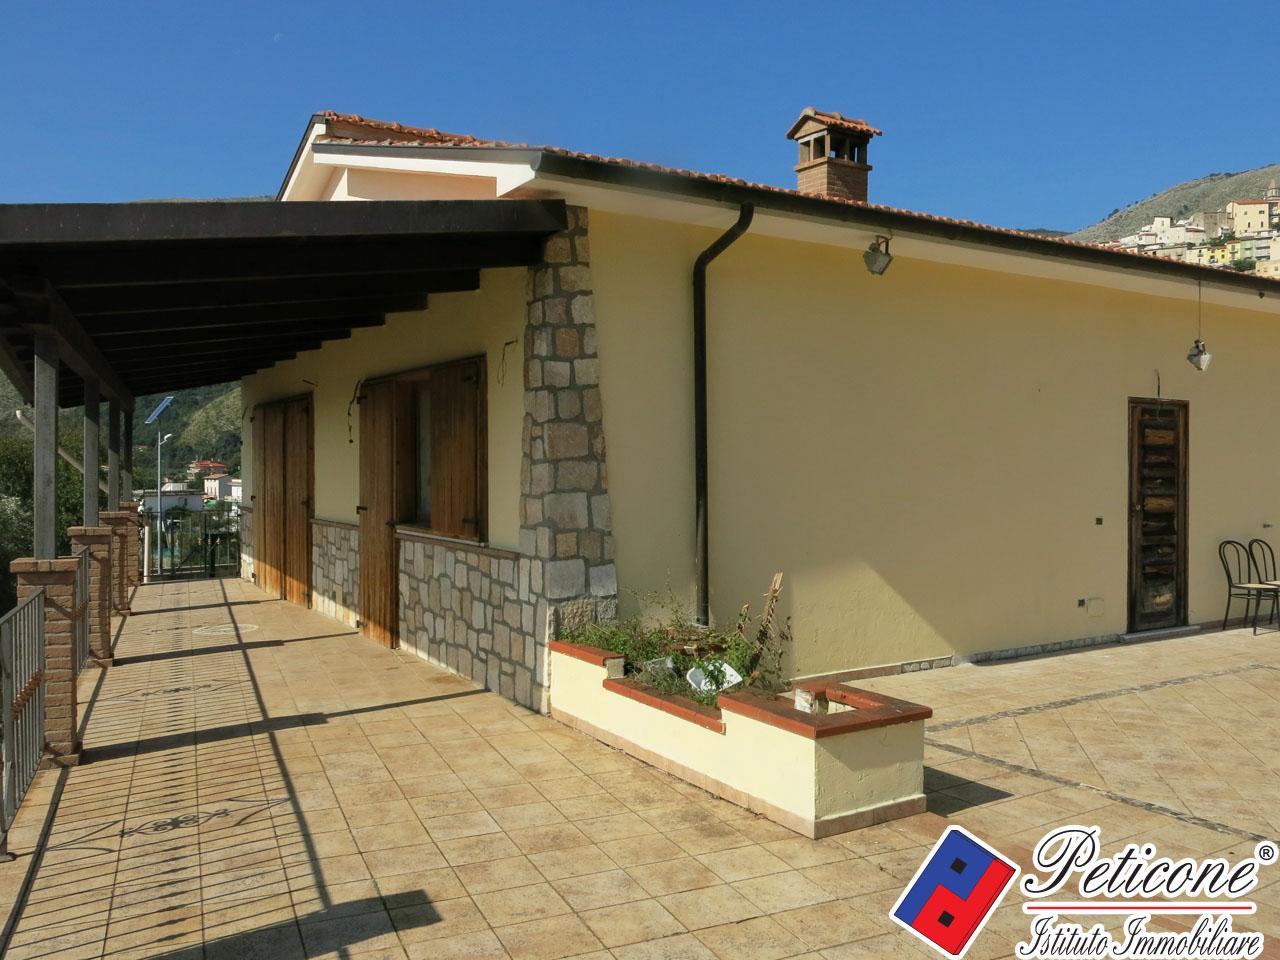 Villa in Vendita a Formia: 4 locali, 90 mq - Foto 30